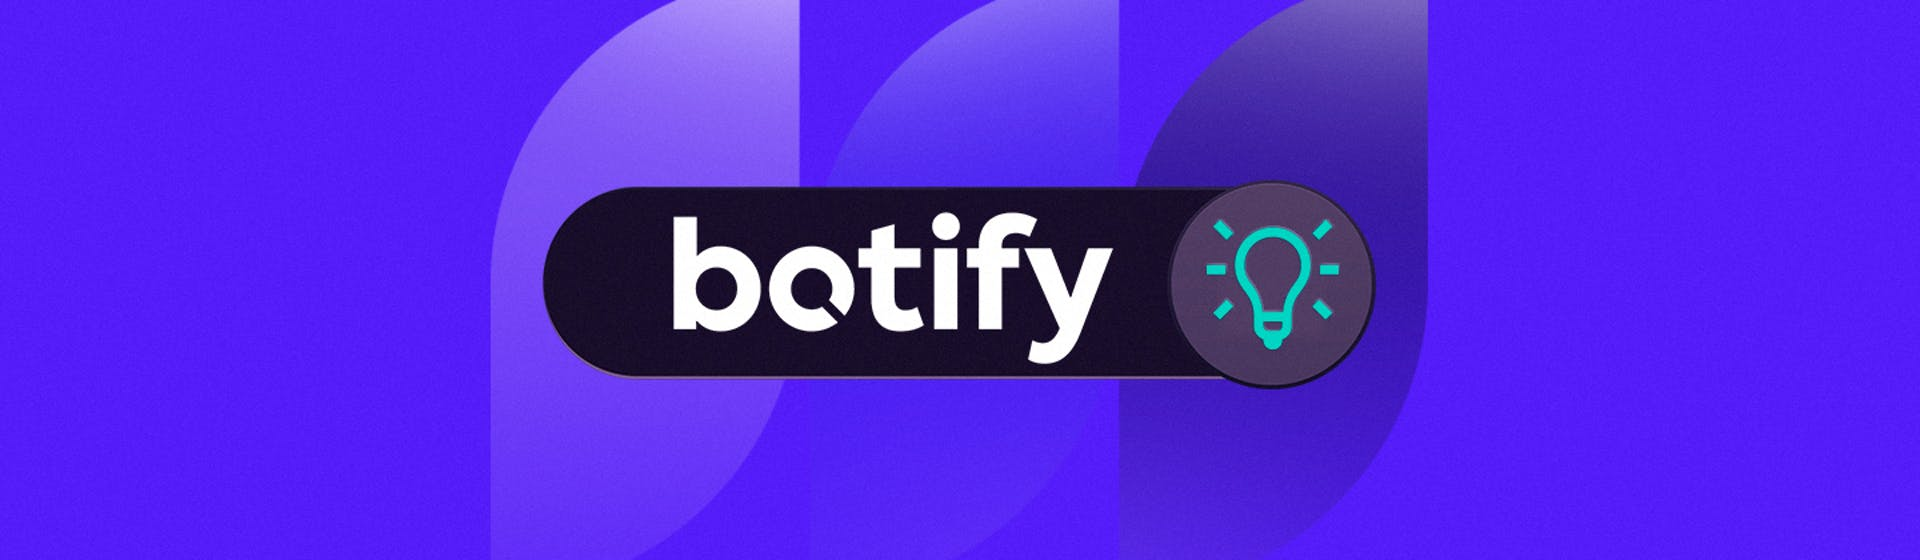 Botify: ¿qué es y por qué usarlo en la estrategia digital y SEO?